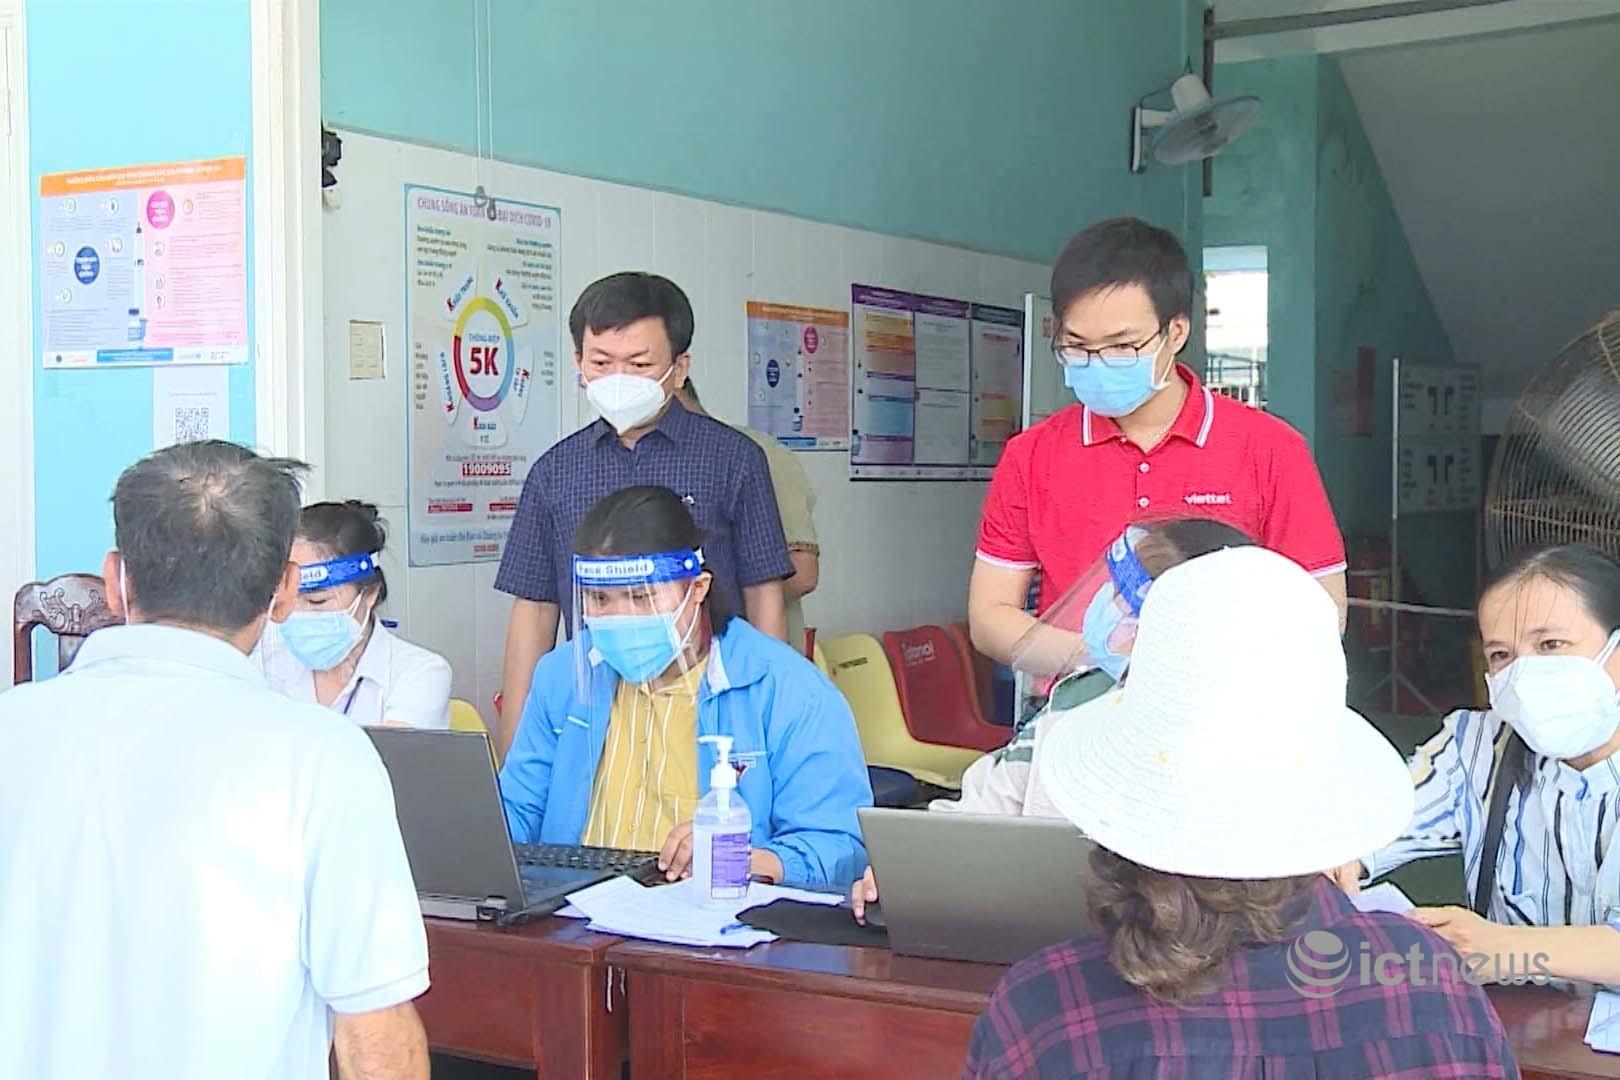 Tăng thời lượng, tần suất phát sóng các nội dung về bảo vệ sức khỏe phòng chống Covid-19